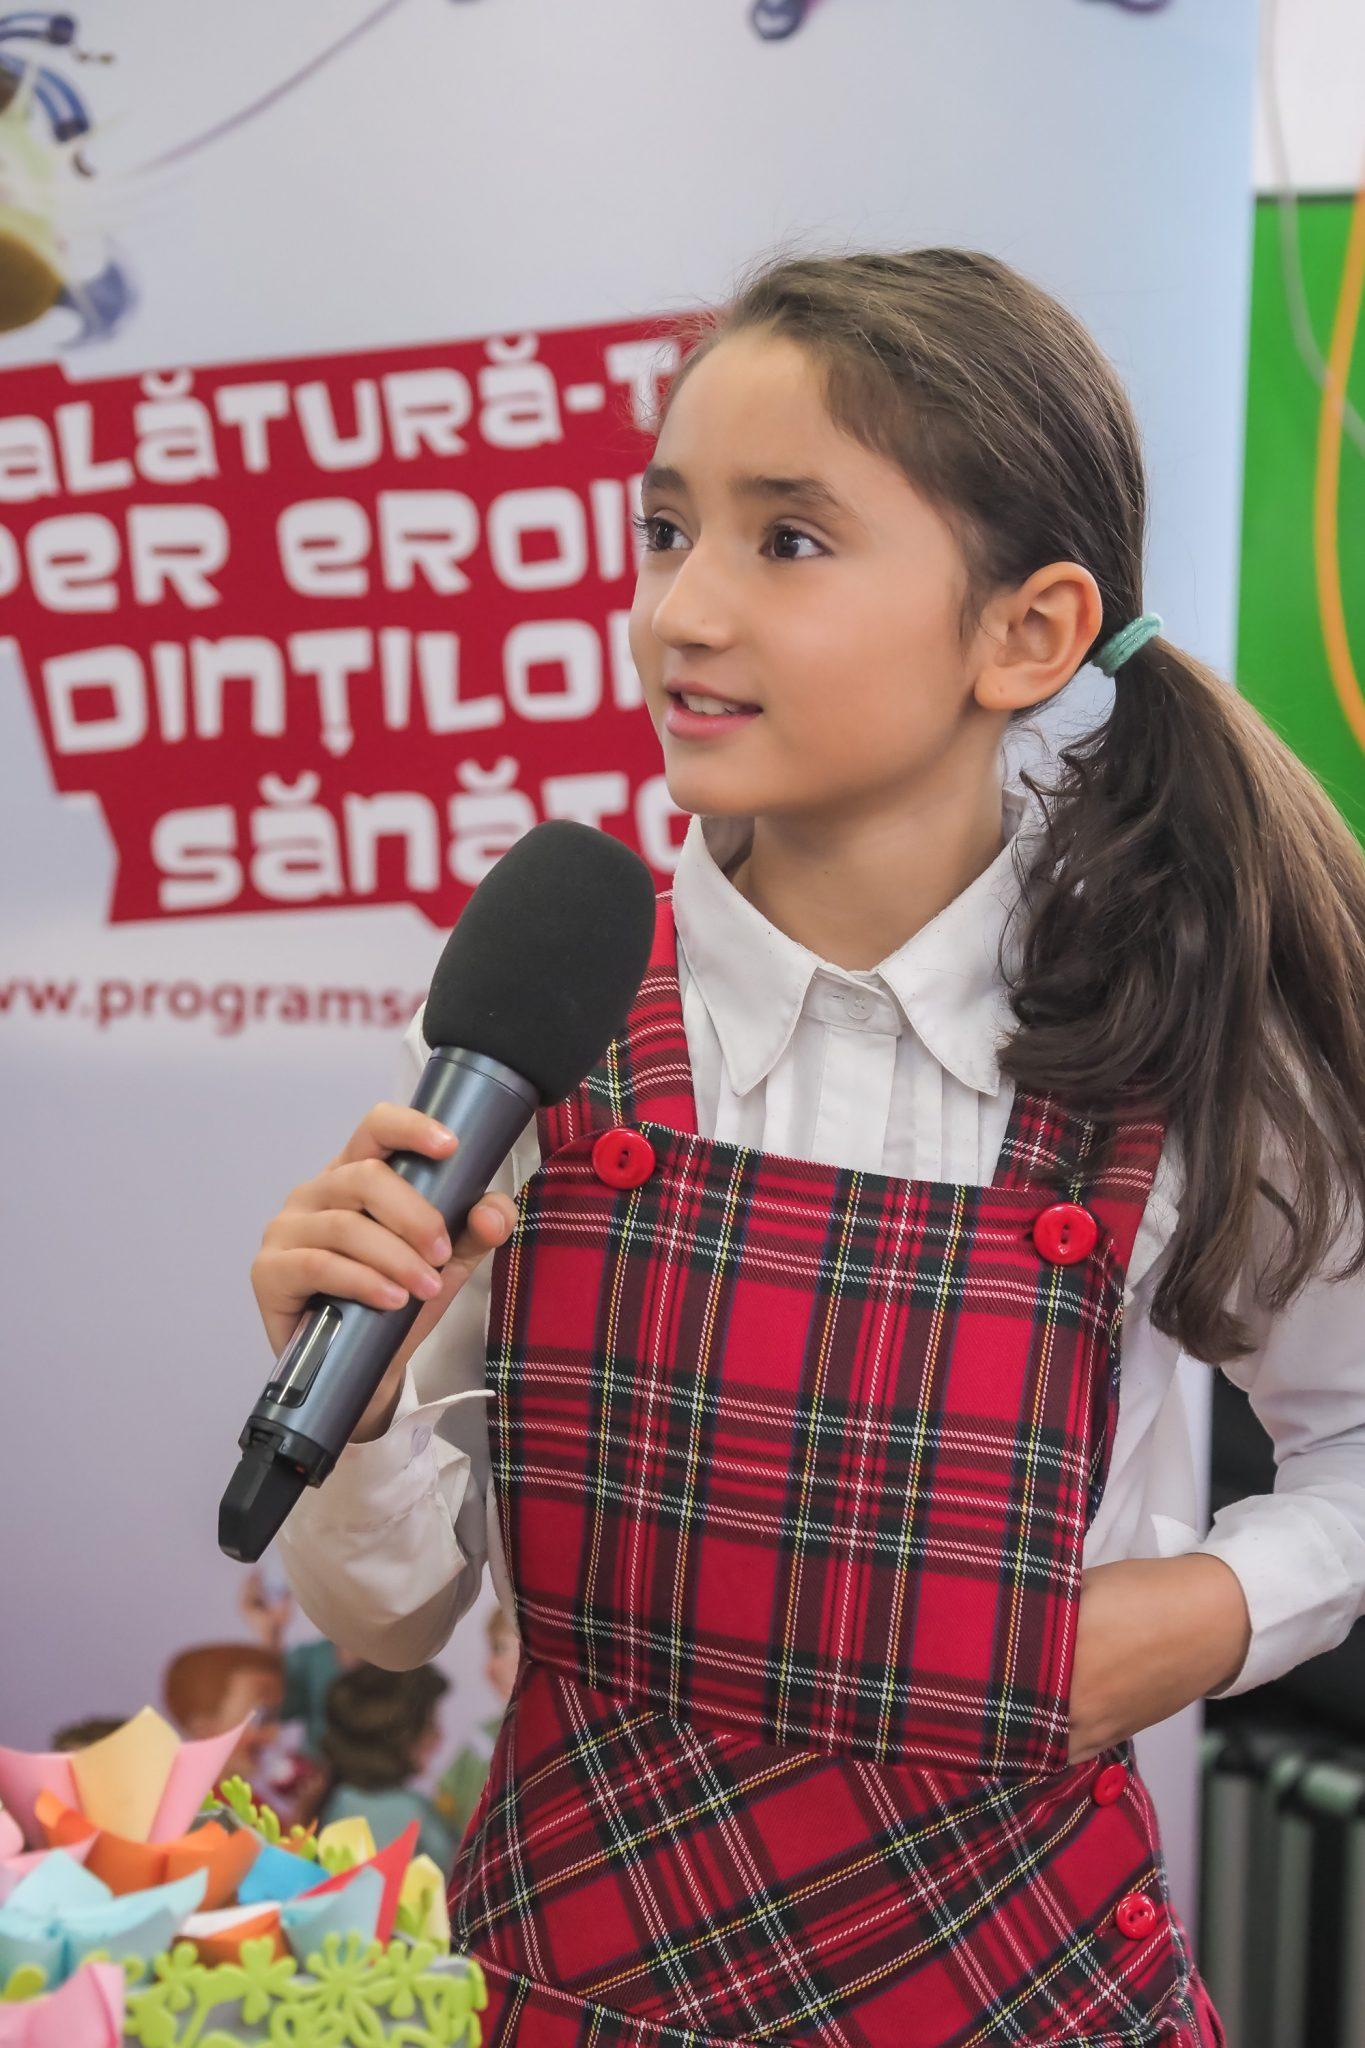 Elevă din Craiova, câștigătoarea unui concurs internațional. Micuța reprezintă România în această competiție